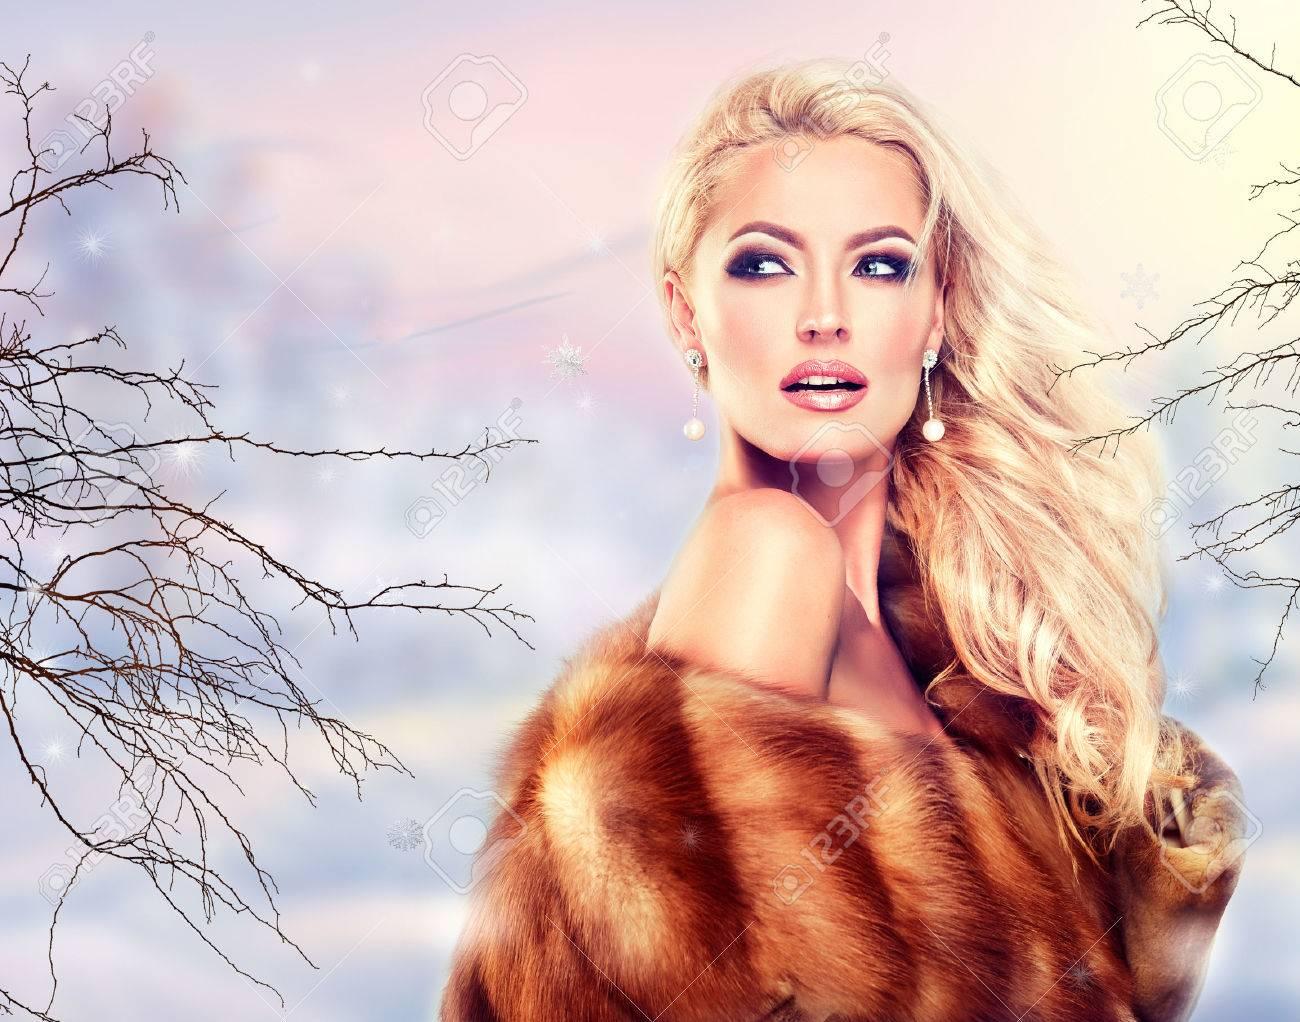 Winter Woman in Luxury Fur Coat. Beauty Fashion Model Girl - 47686474